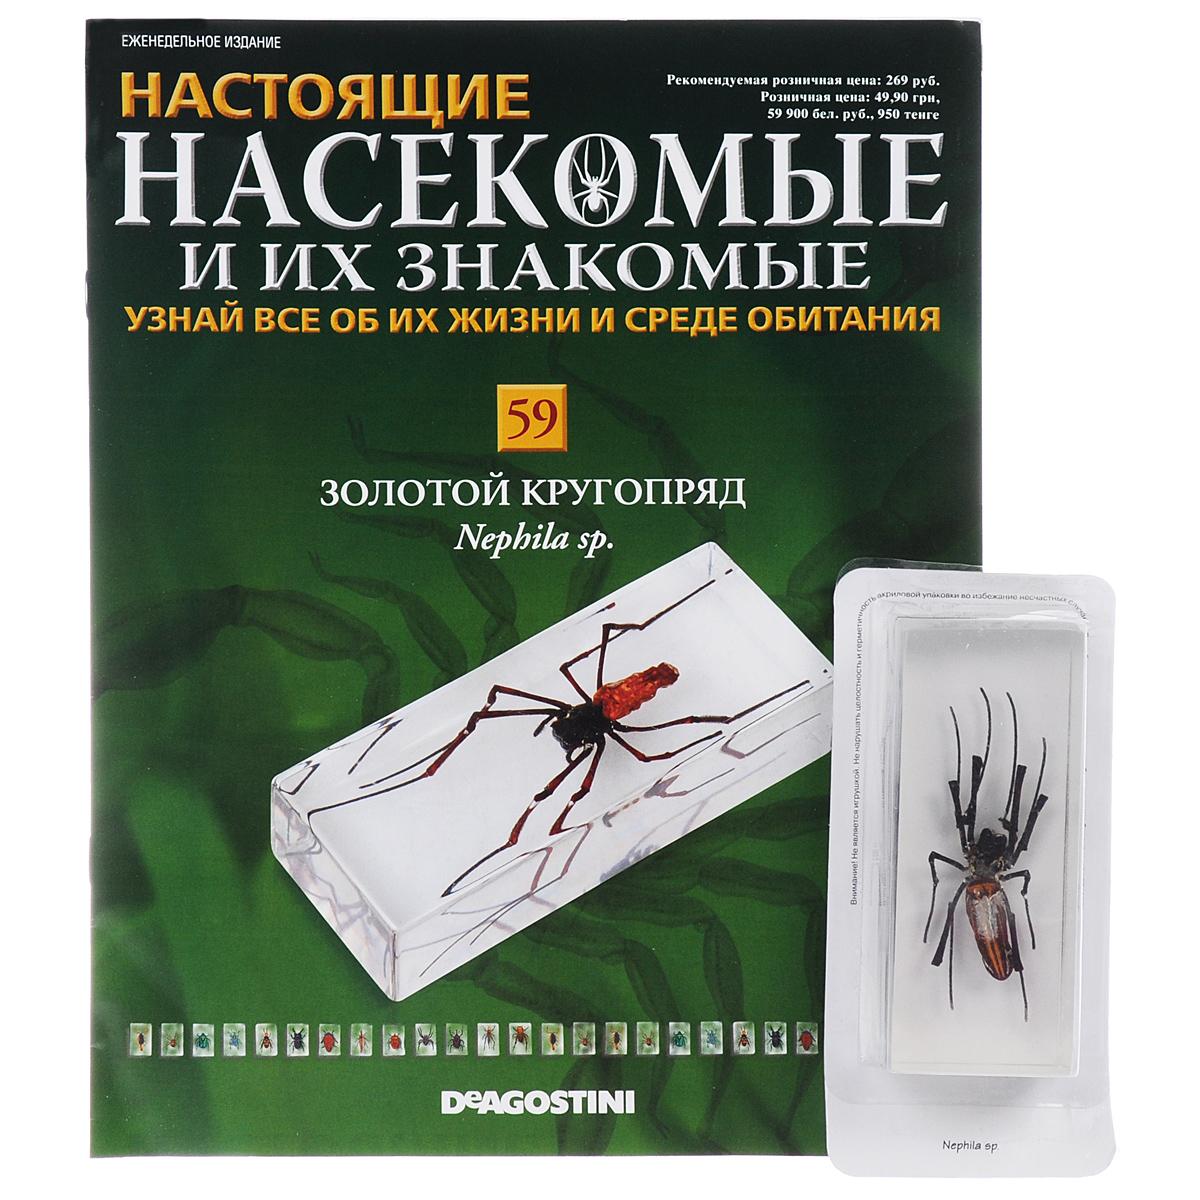 насекомые и их знакомые купить в москве